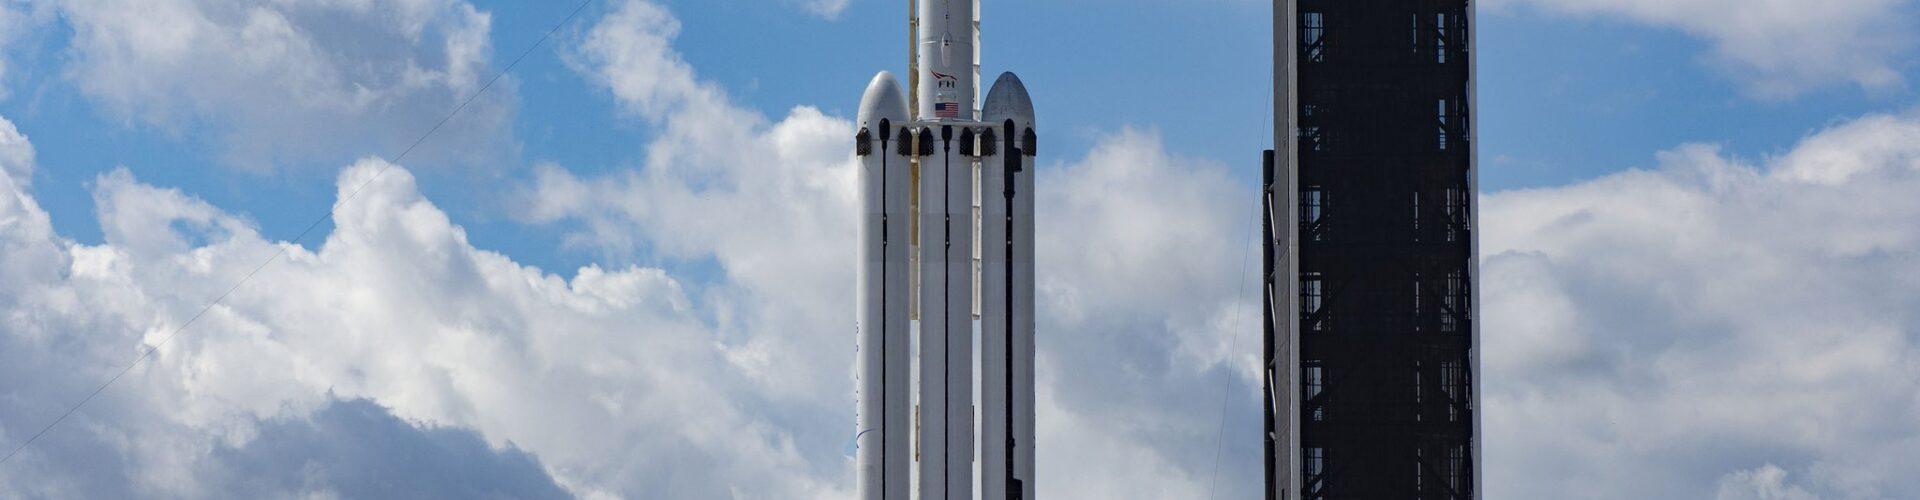 НАСА вече подготвя ракетата SpaceX Falcon Heavy, за да стартира мисията до Юпитер